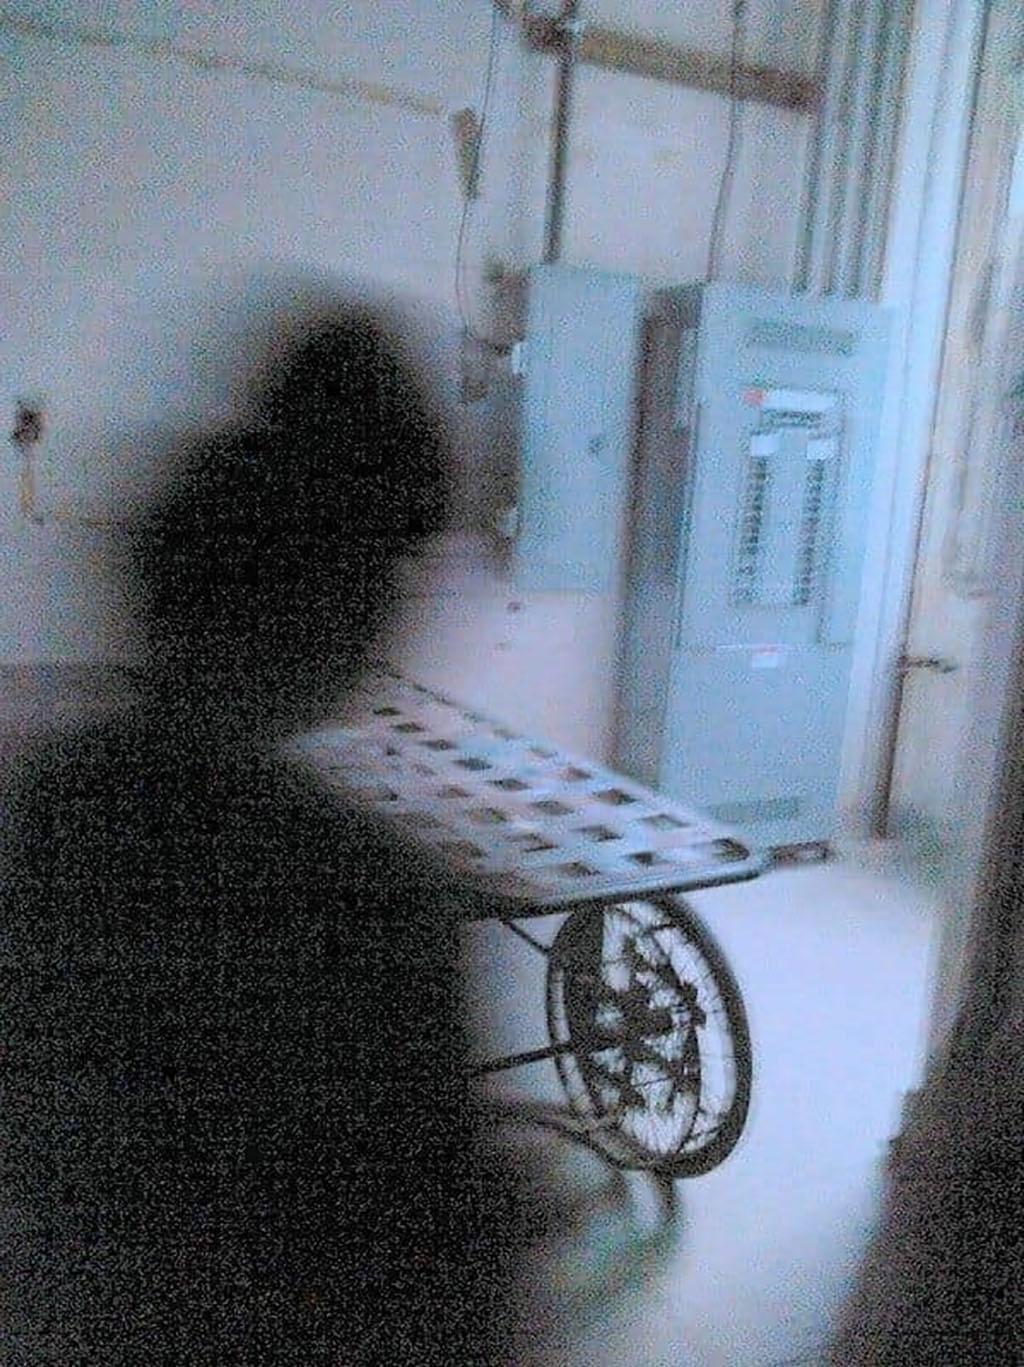 pessoas das sombras, povo das sombras, shadow people, fotos sobrenaturais, assombração, assustador, zona 33